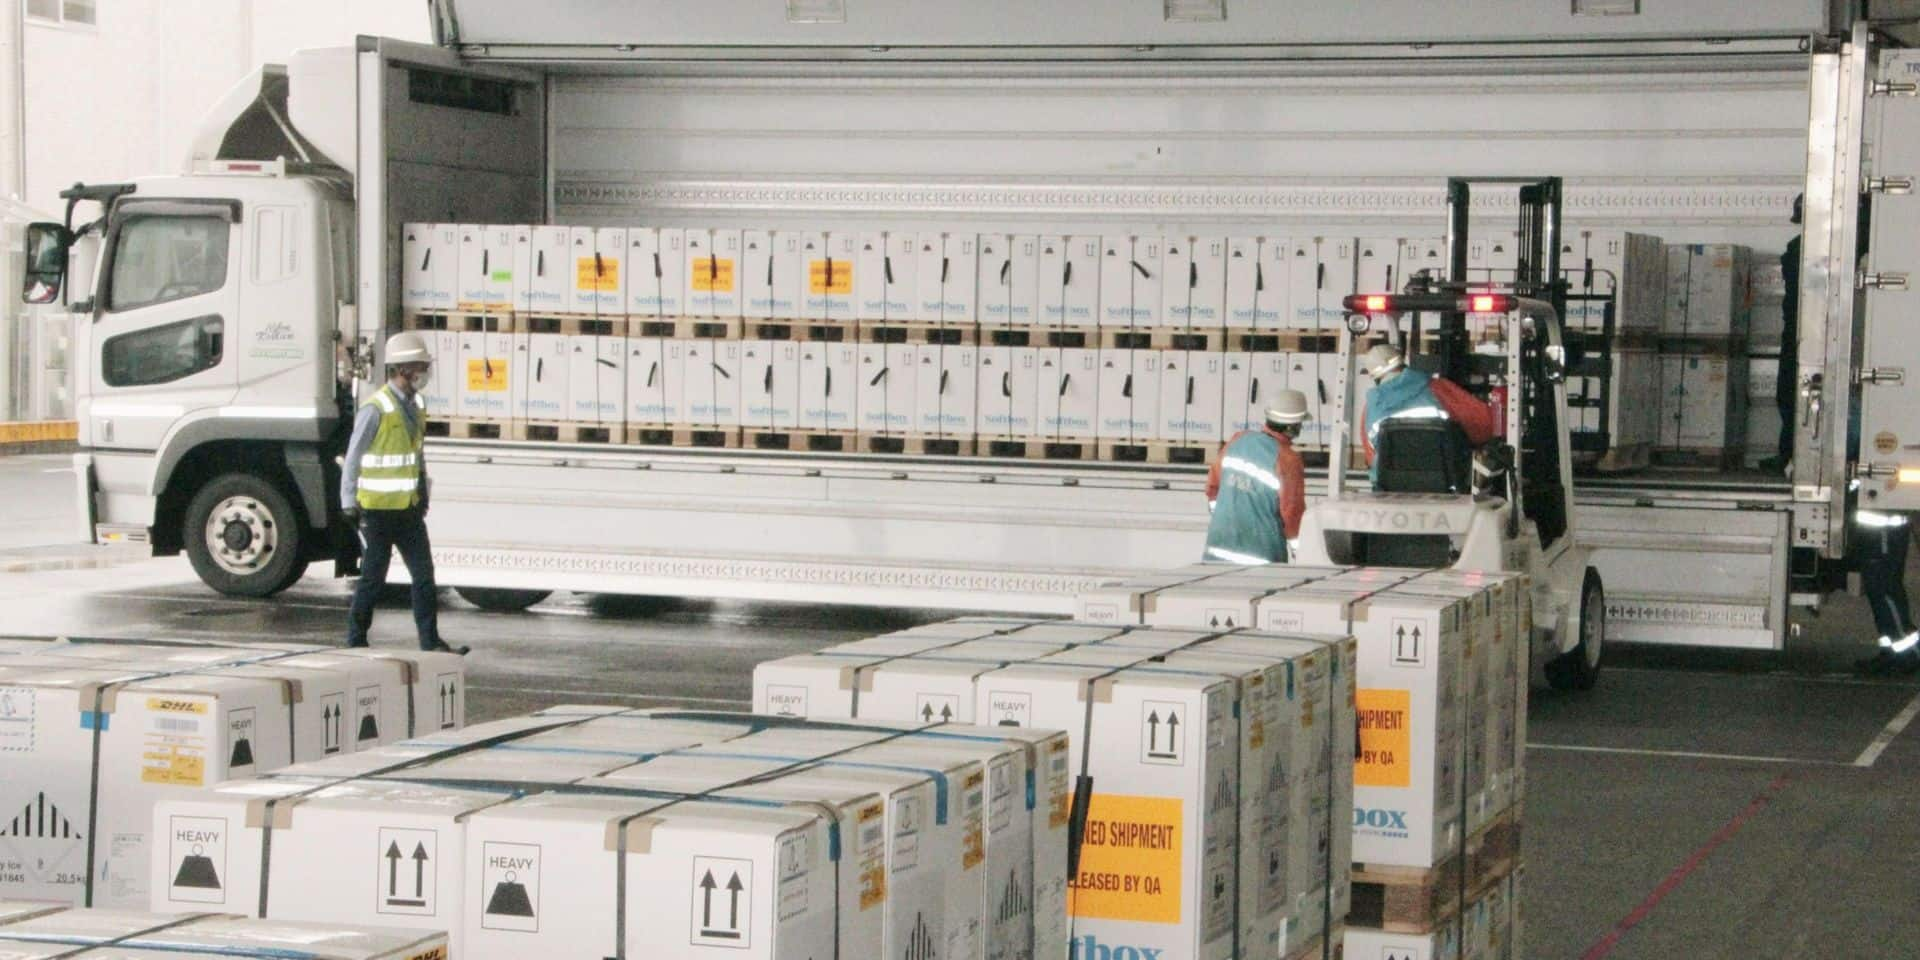 La Belgique a commandé des vaccins en vue d'une éventuelle quatrième dose